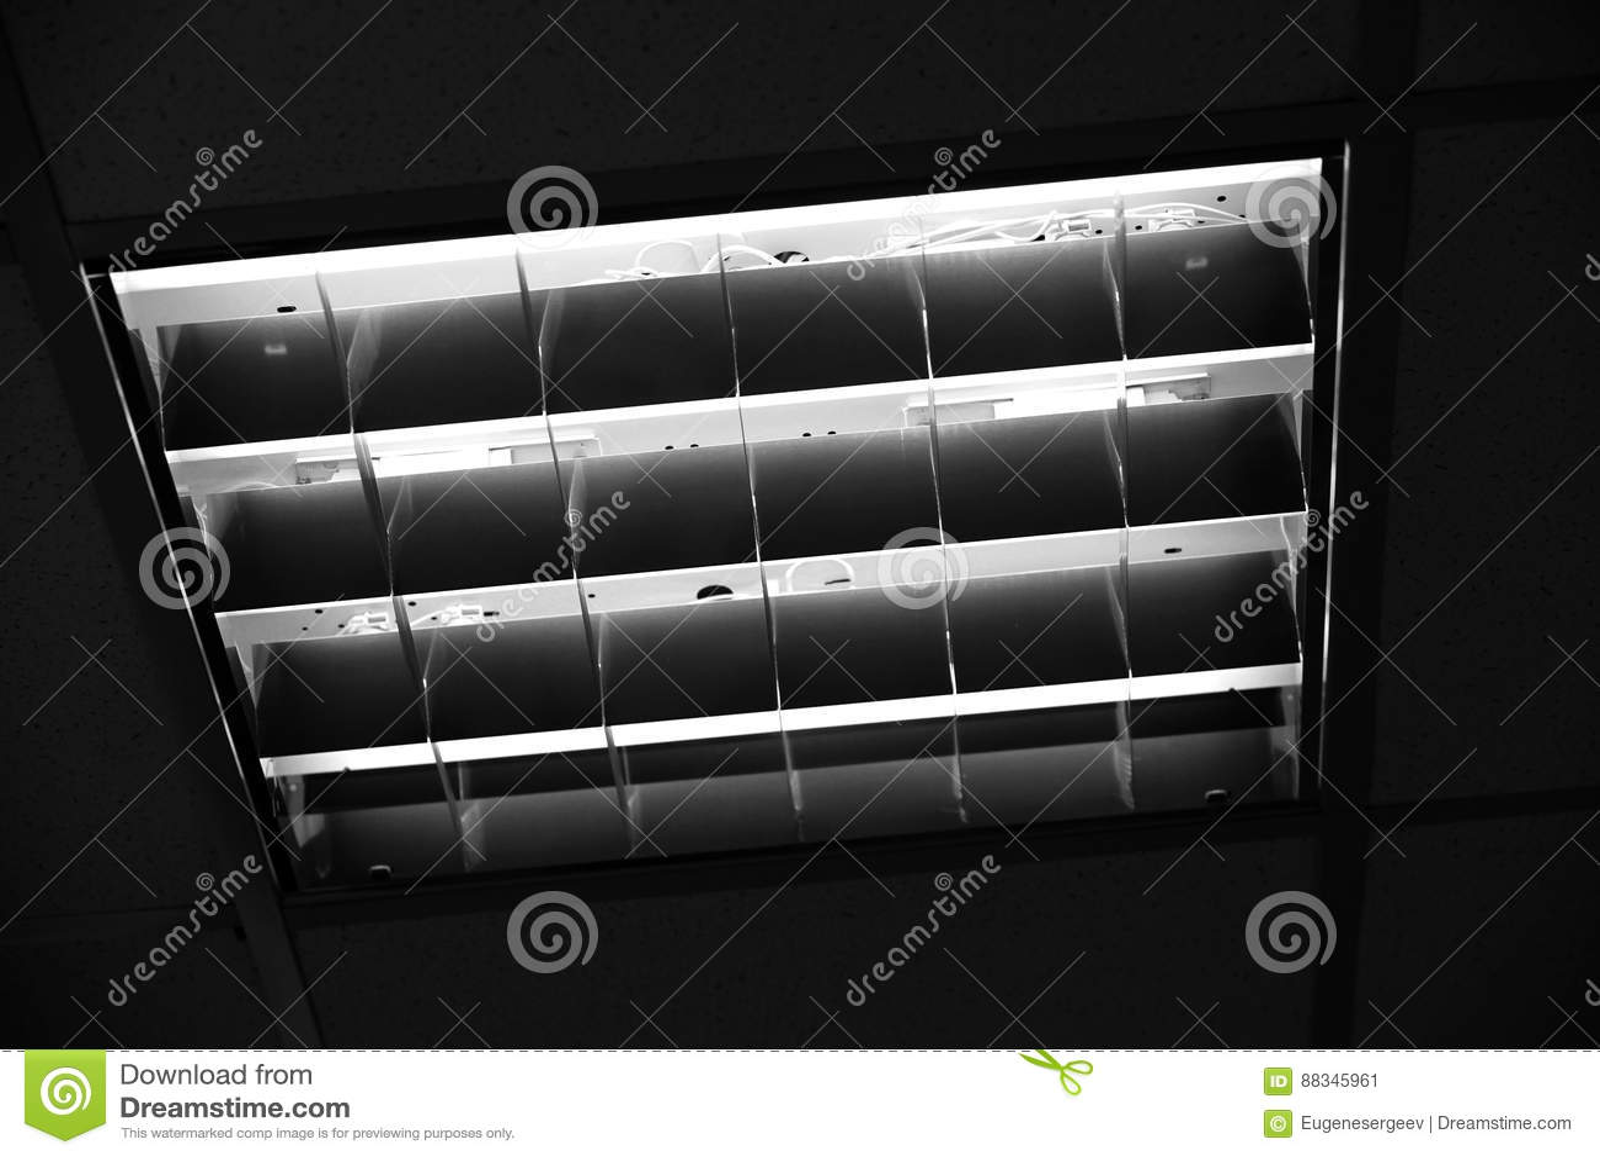 Plafoniere Neon Per Ufficio : Plafoniera incorporata dellufficio immagine stock di